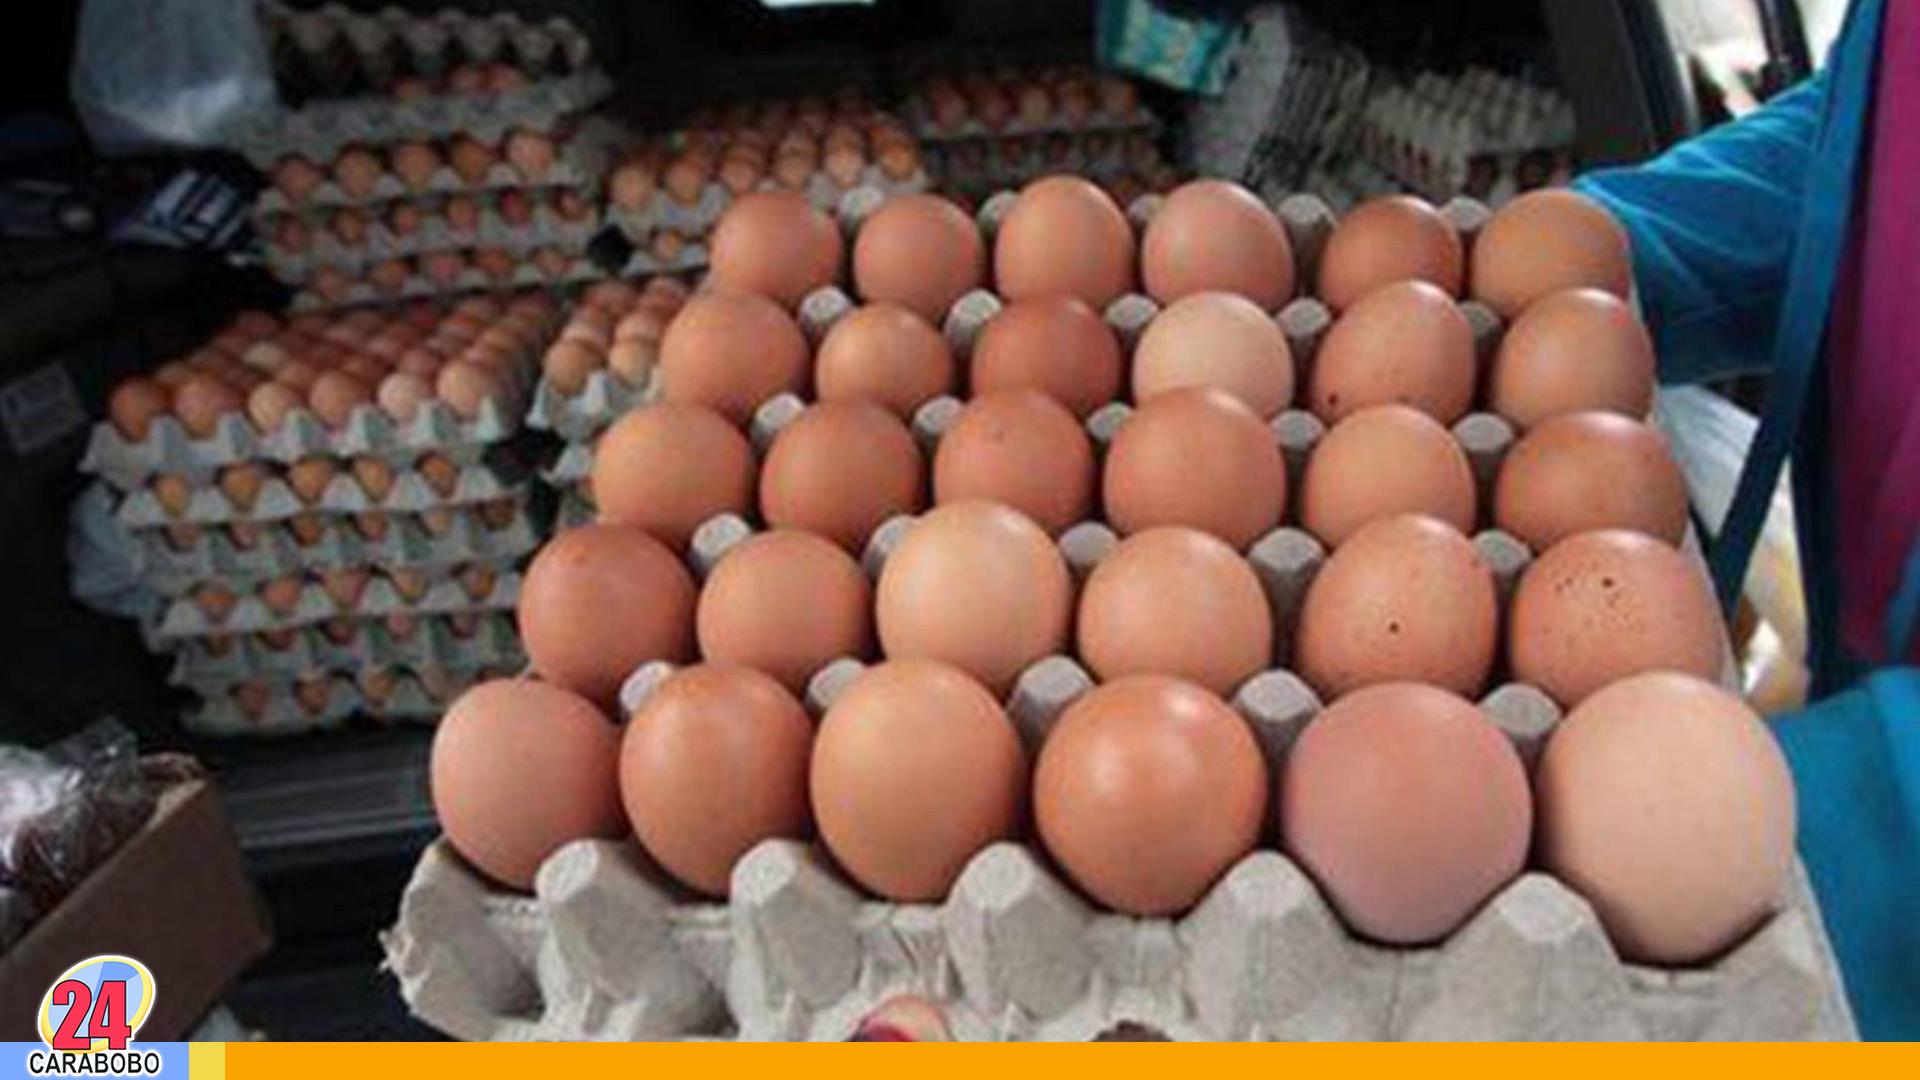 Precio de huevos - Precio de huevos